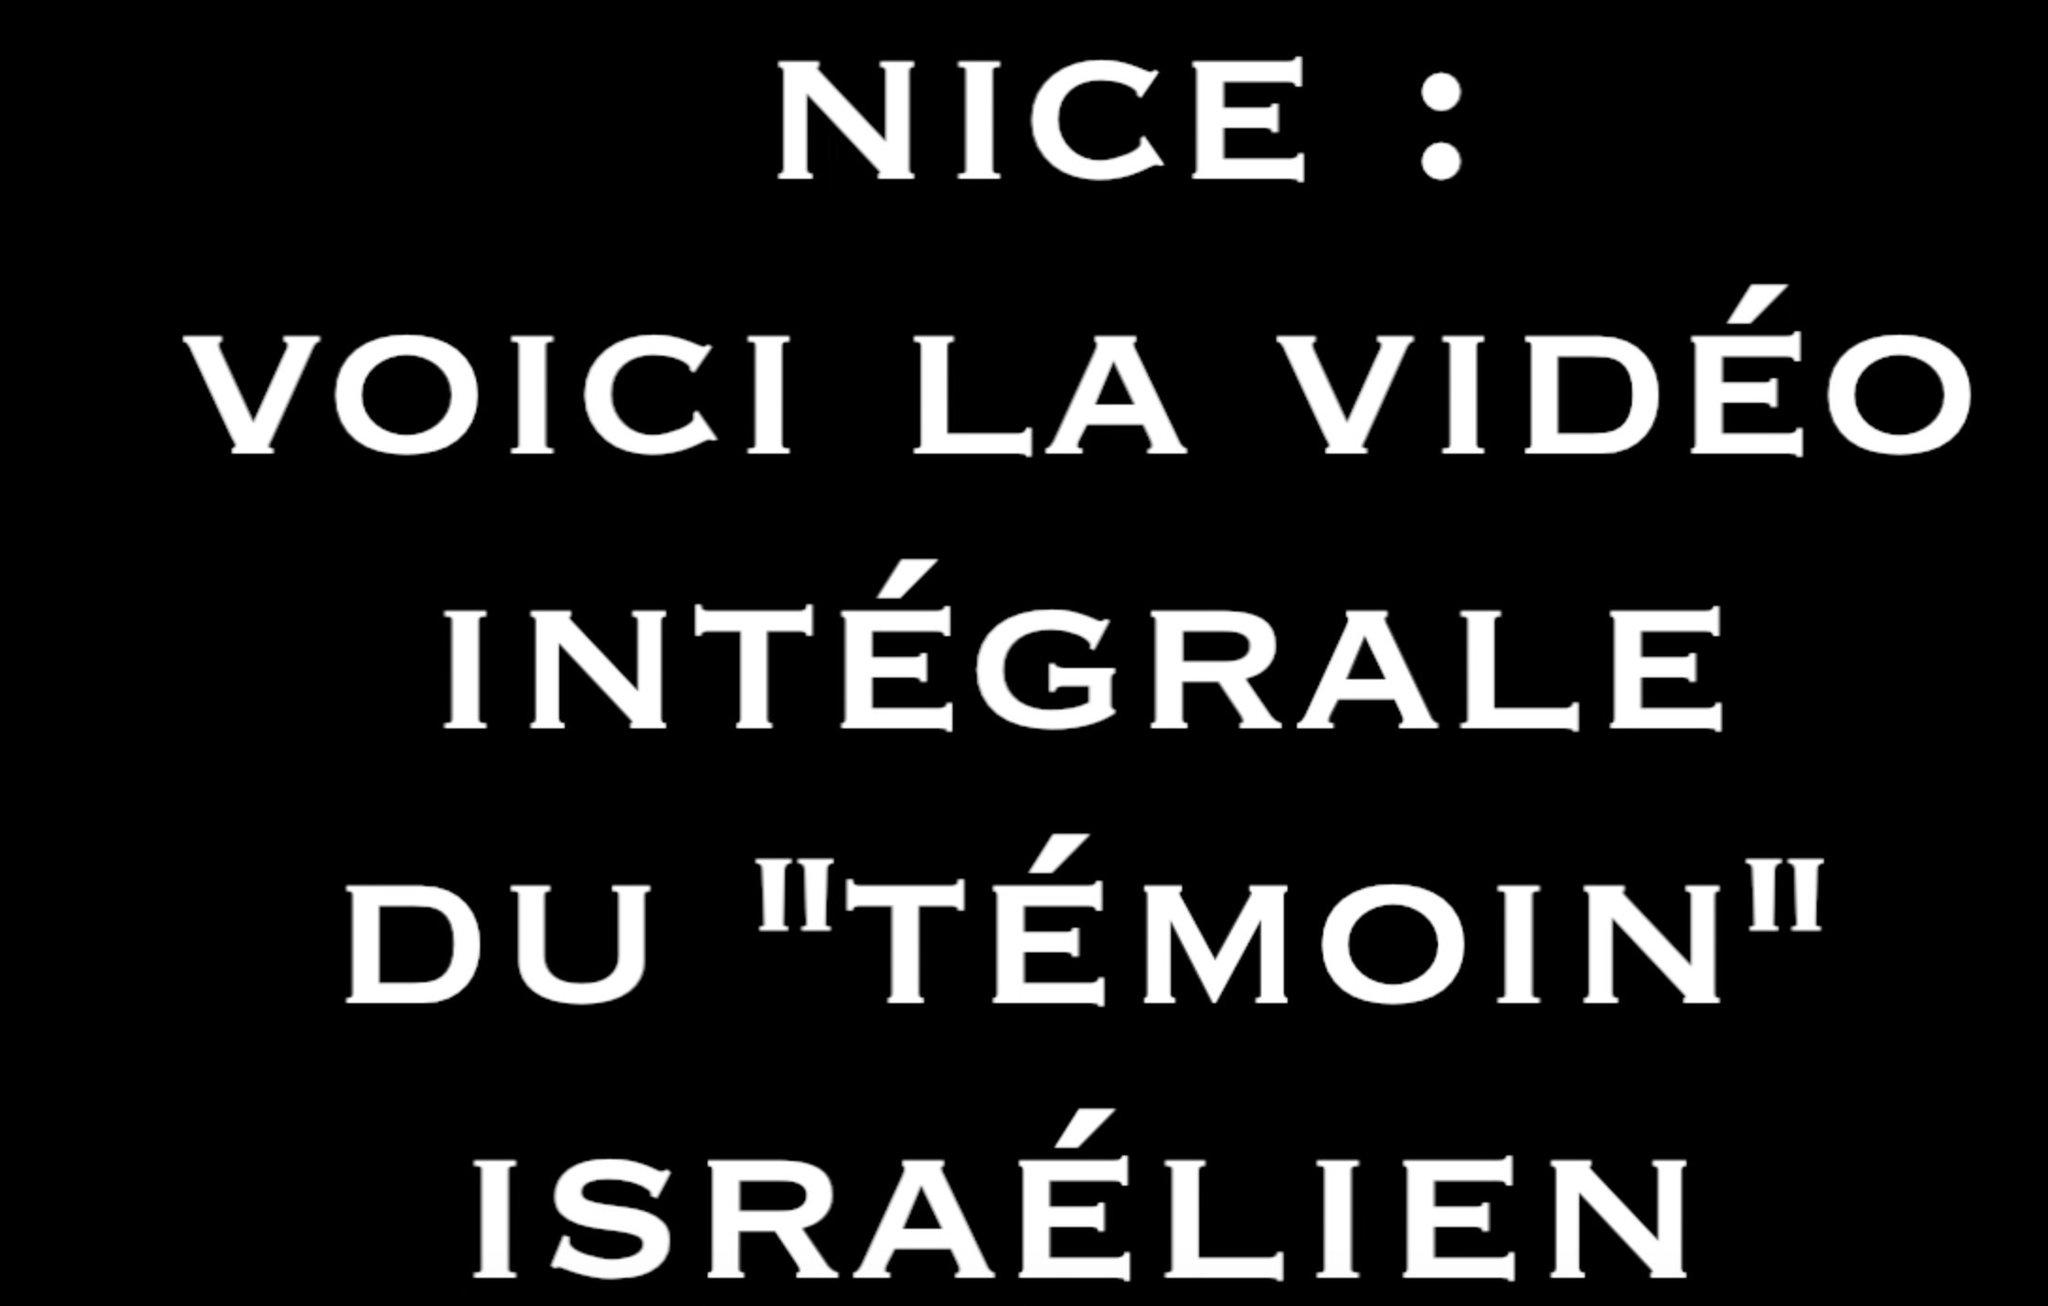 Nice : voici la vidéo intégrale du